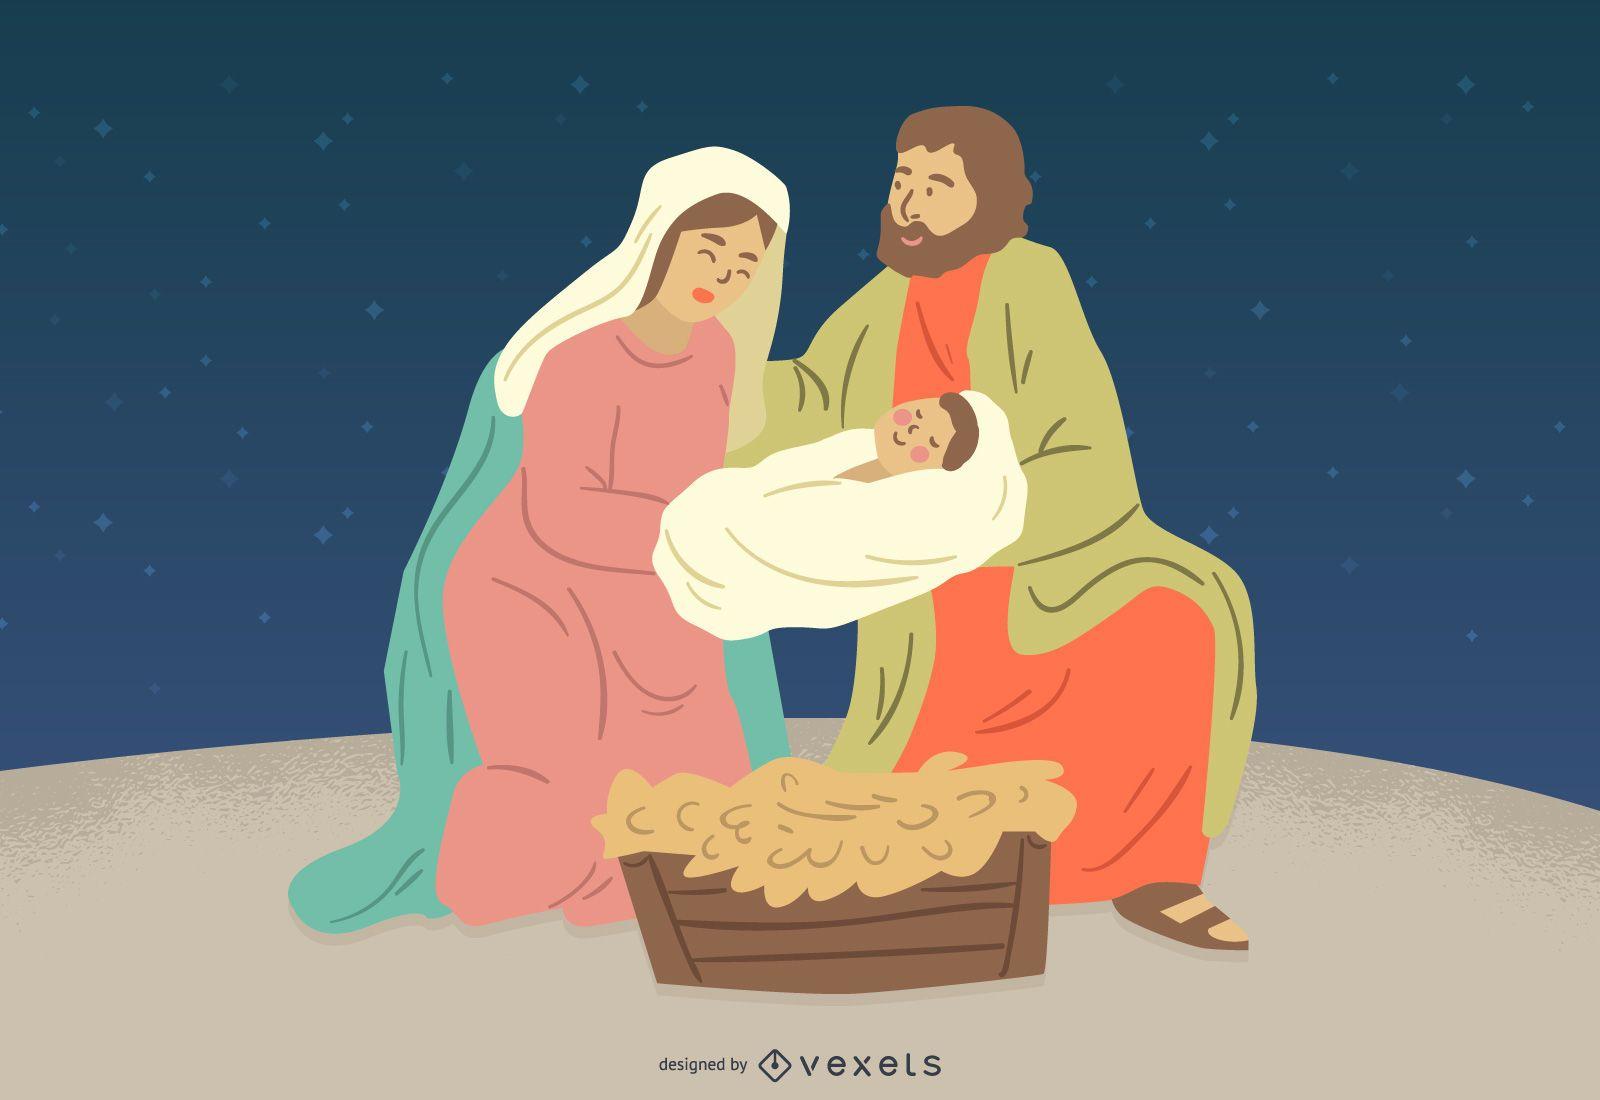 Nativity Jesus Mary Joseph Character Illustration